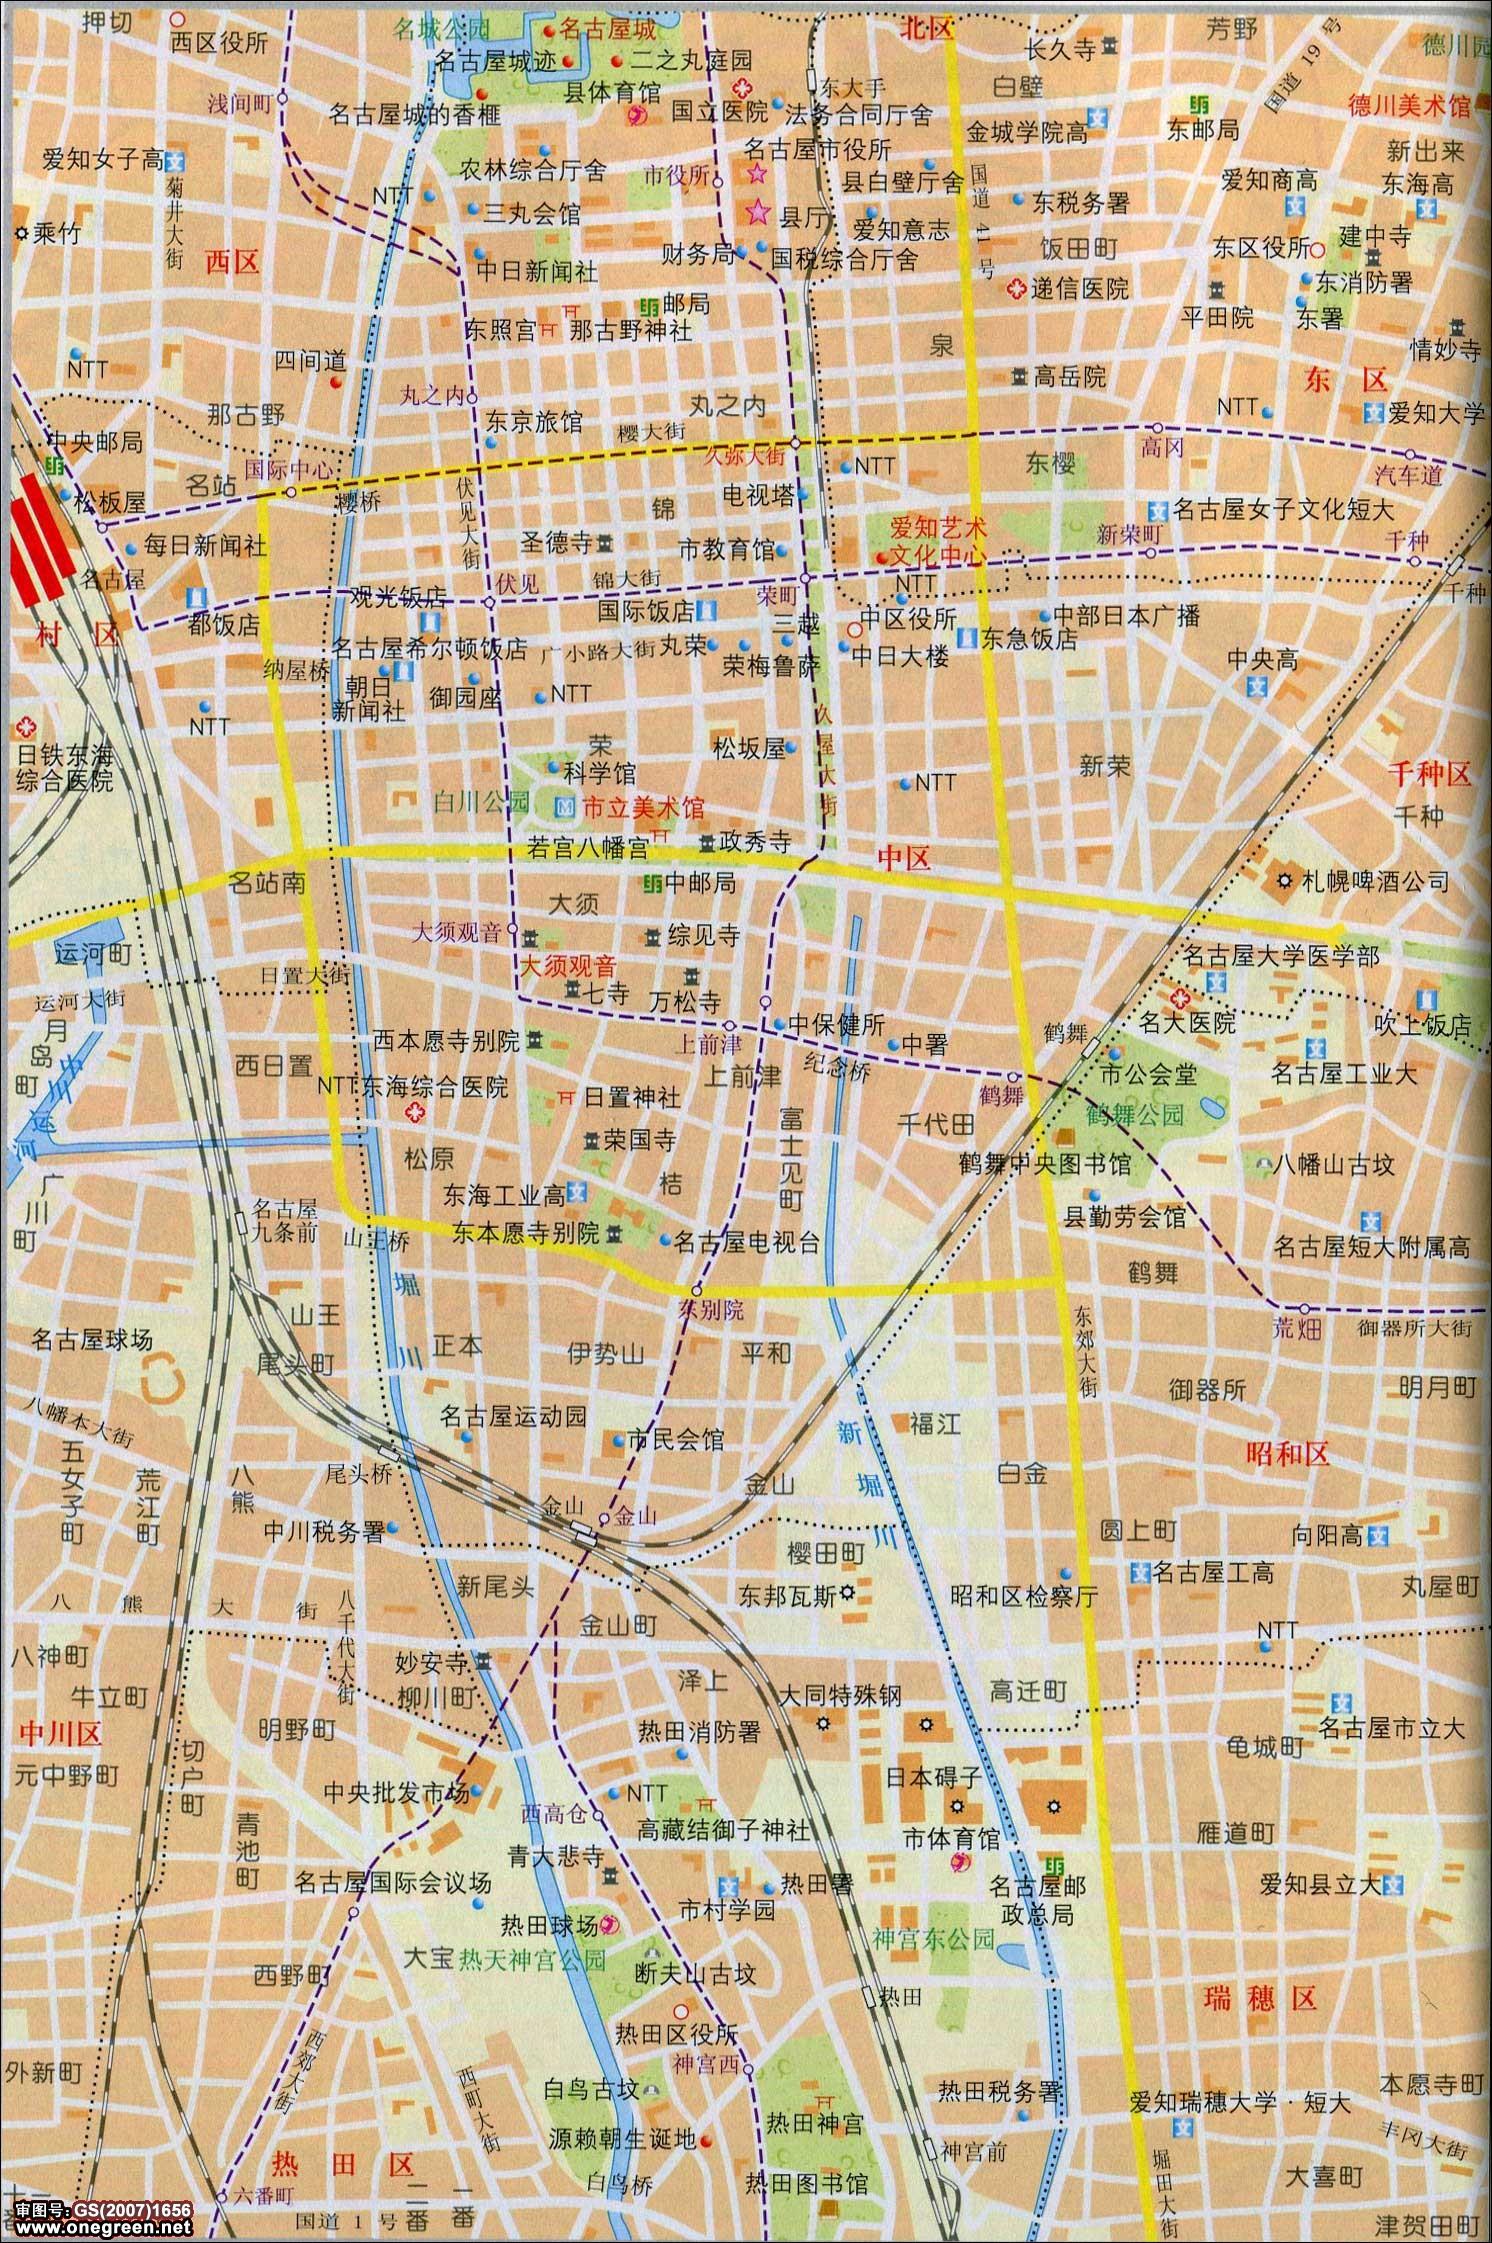 分类: 日本 上一张地图: 鹿儿岛县地图  | 日本 |  下一张地图: 没